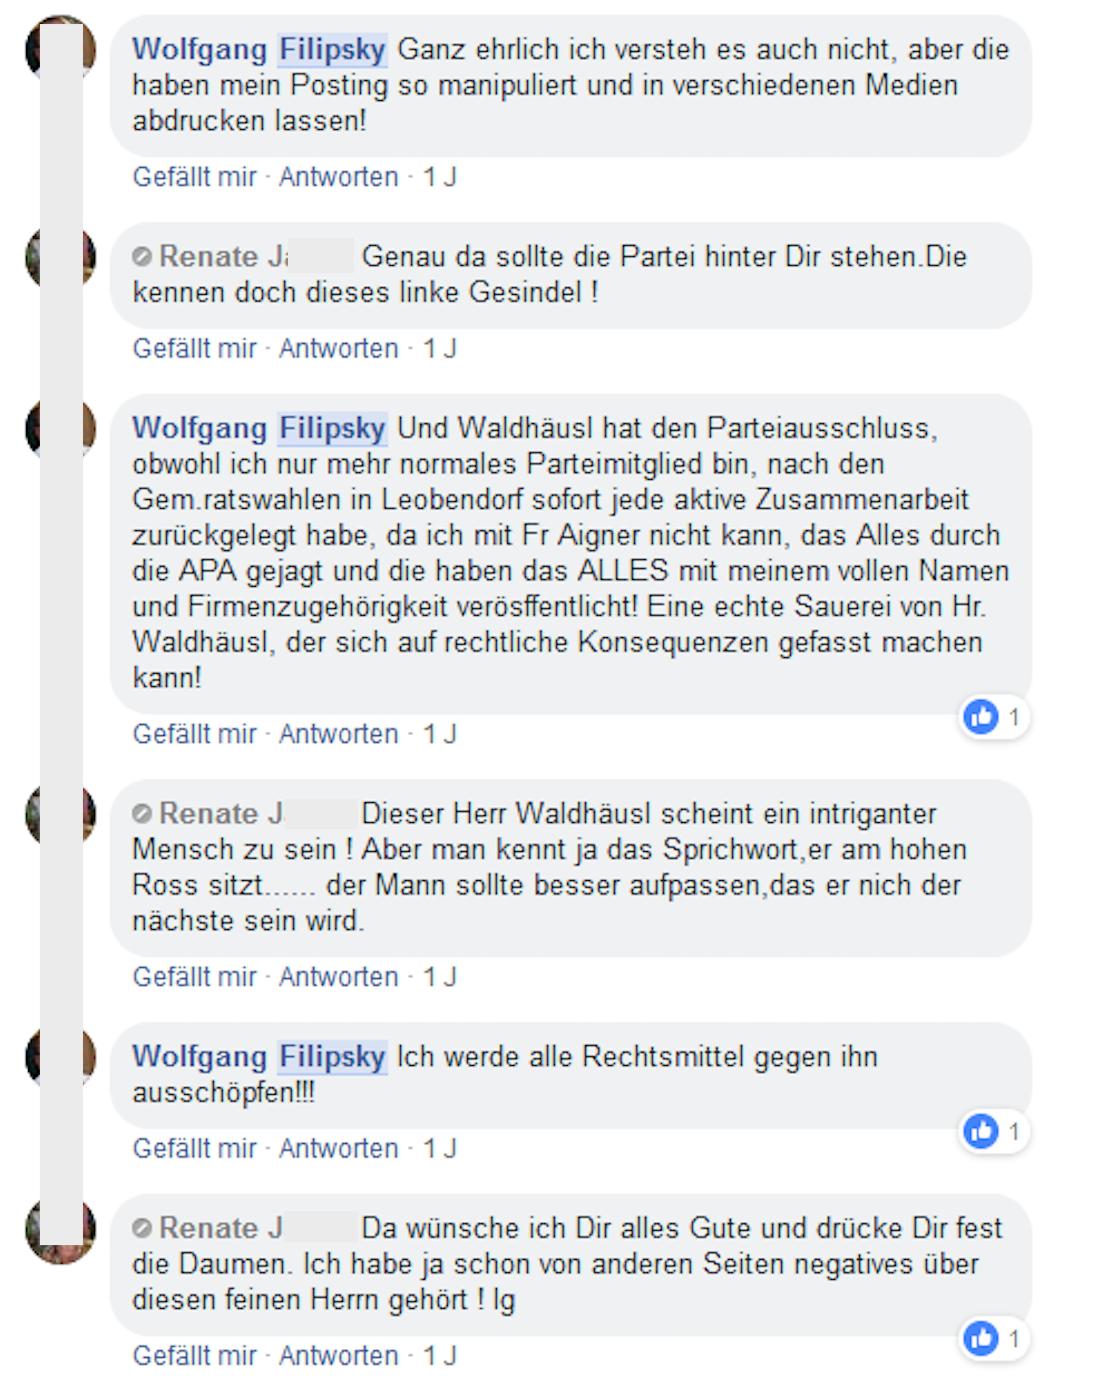 """Filipsky unterhält sich mit Renate J. über seinen Parteiausschluss und Gottfried Waldhäusl, der """"ein intriganter Mensch"""" zu sein scheint"""